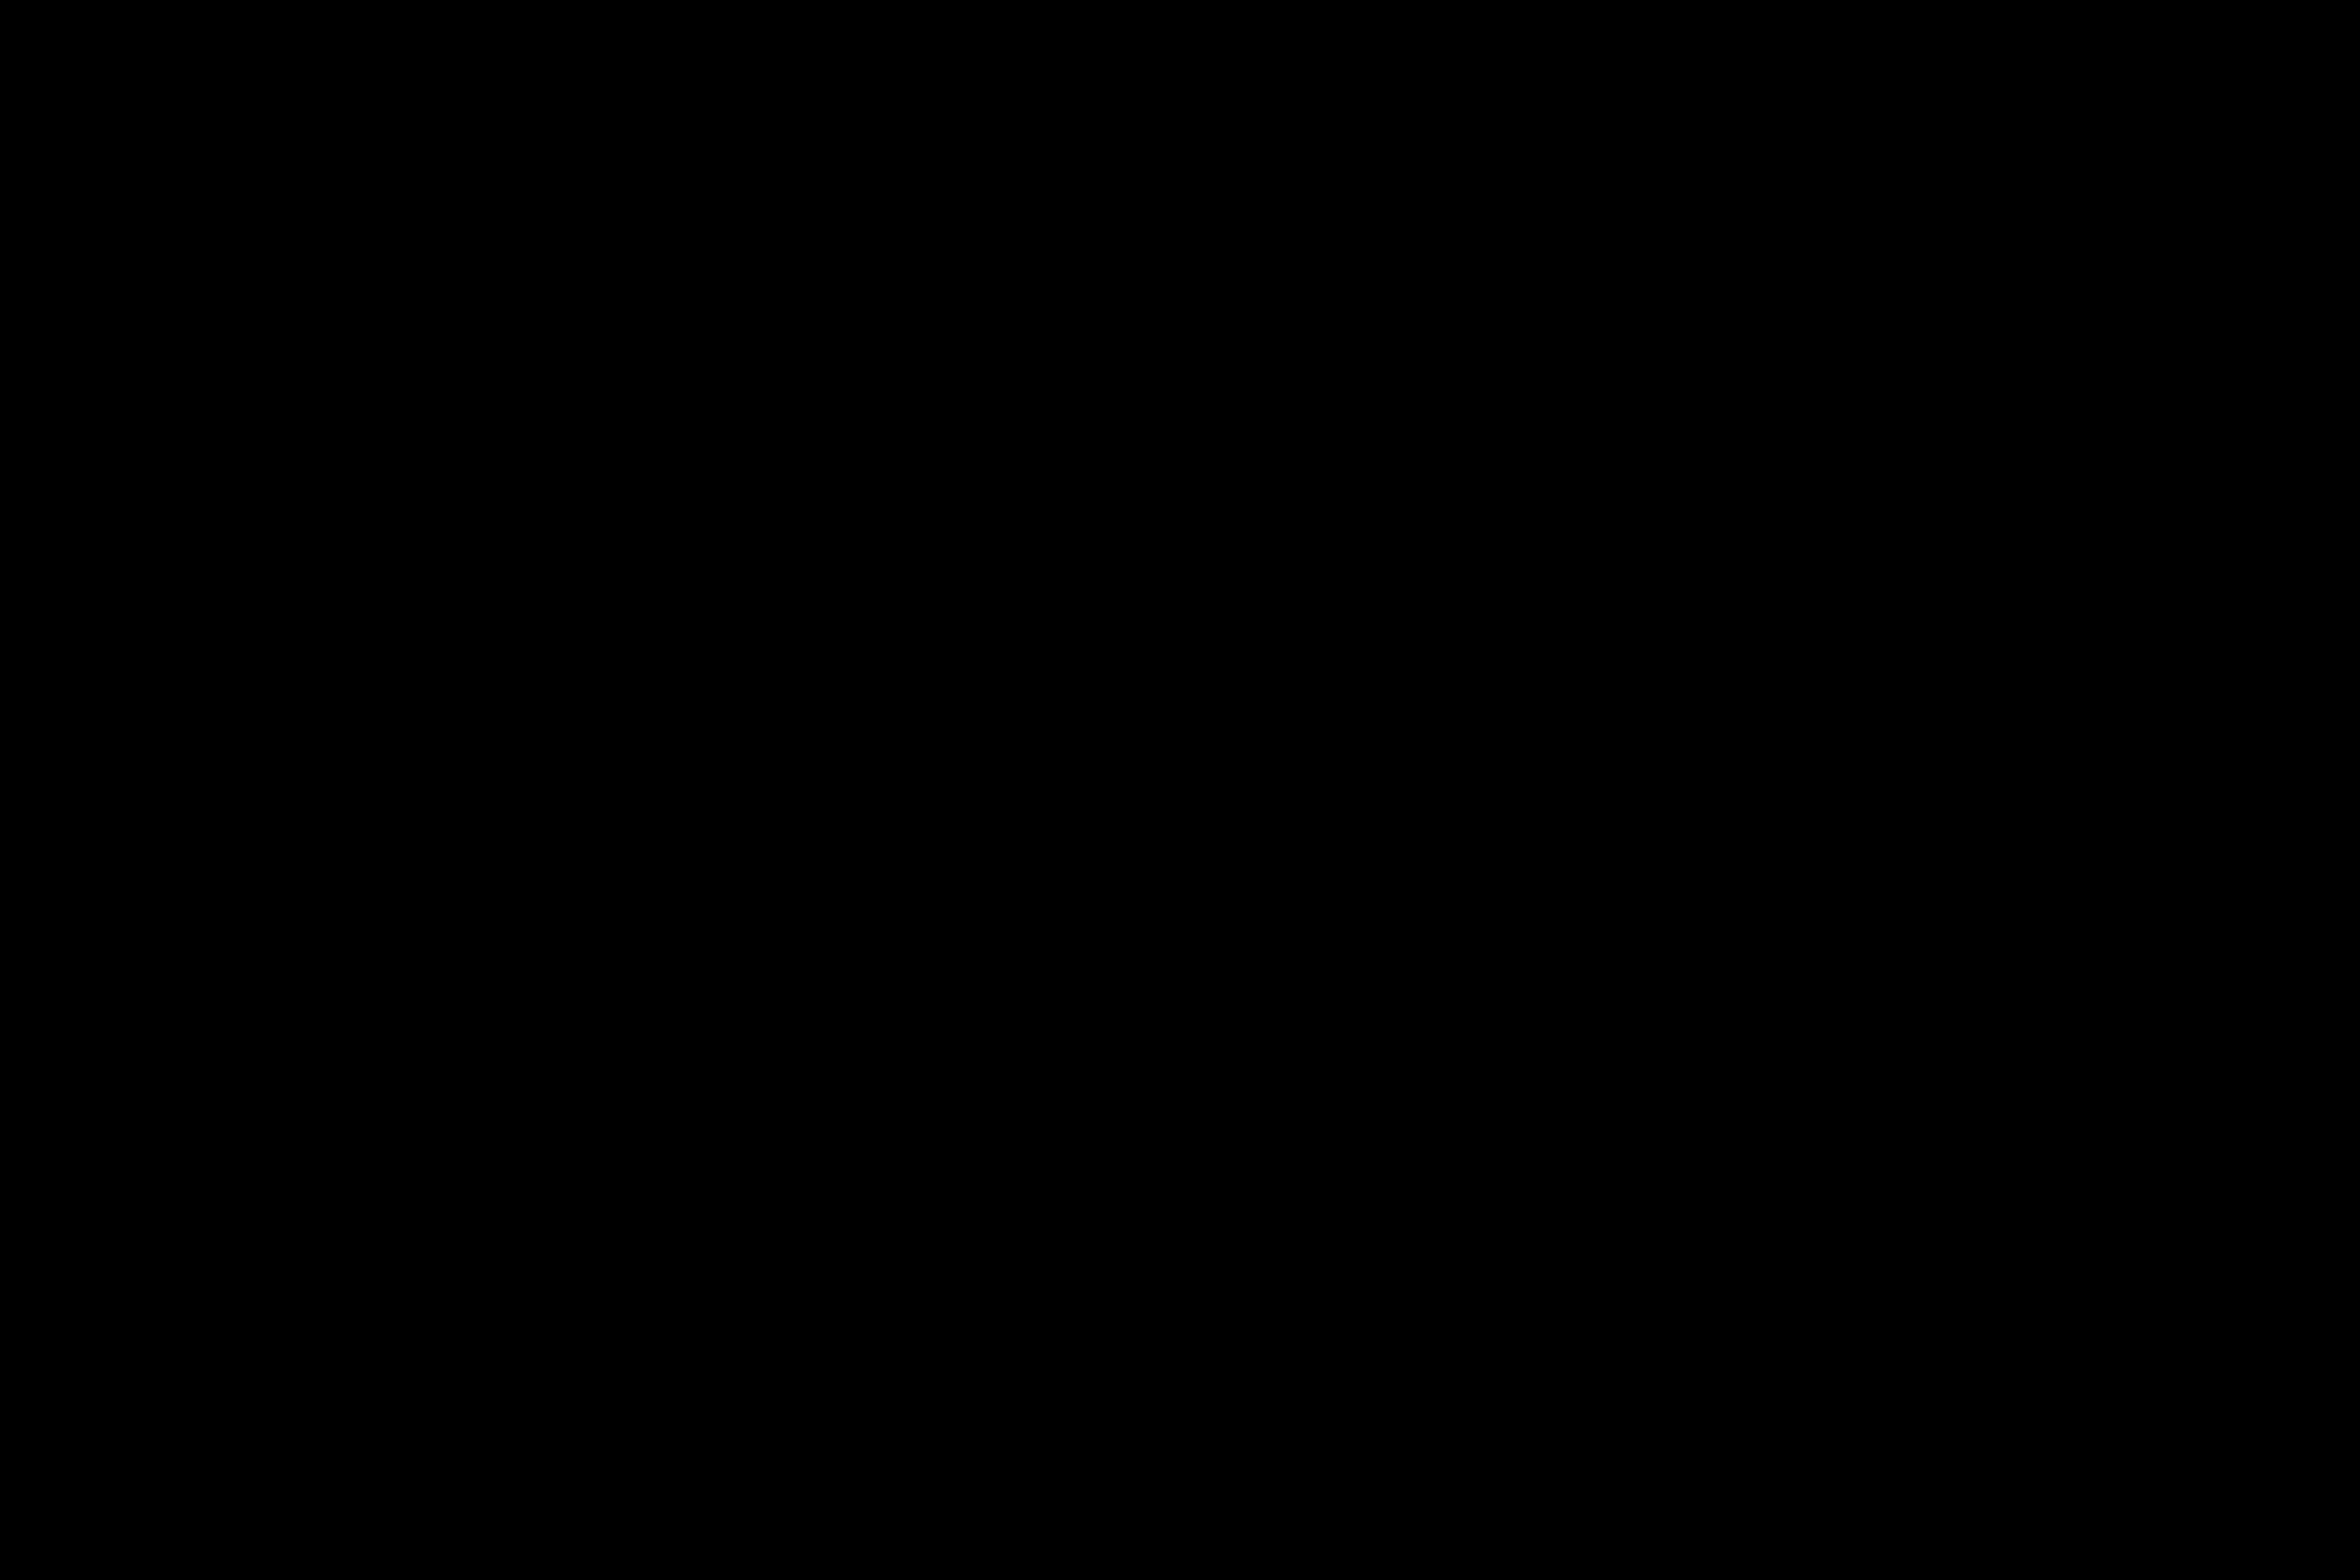 kari-shea-177424-unsplash